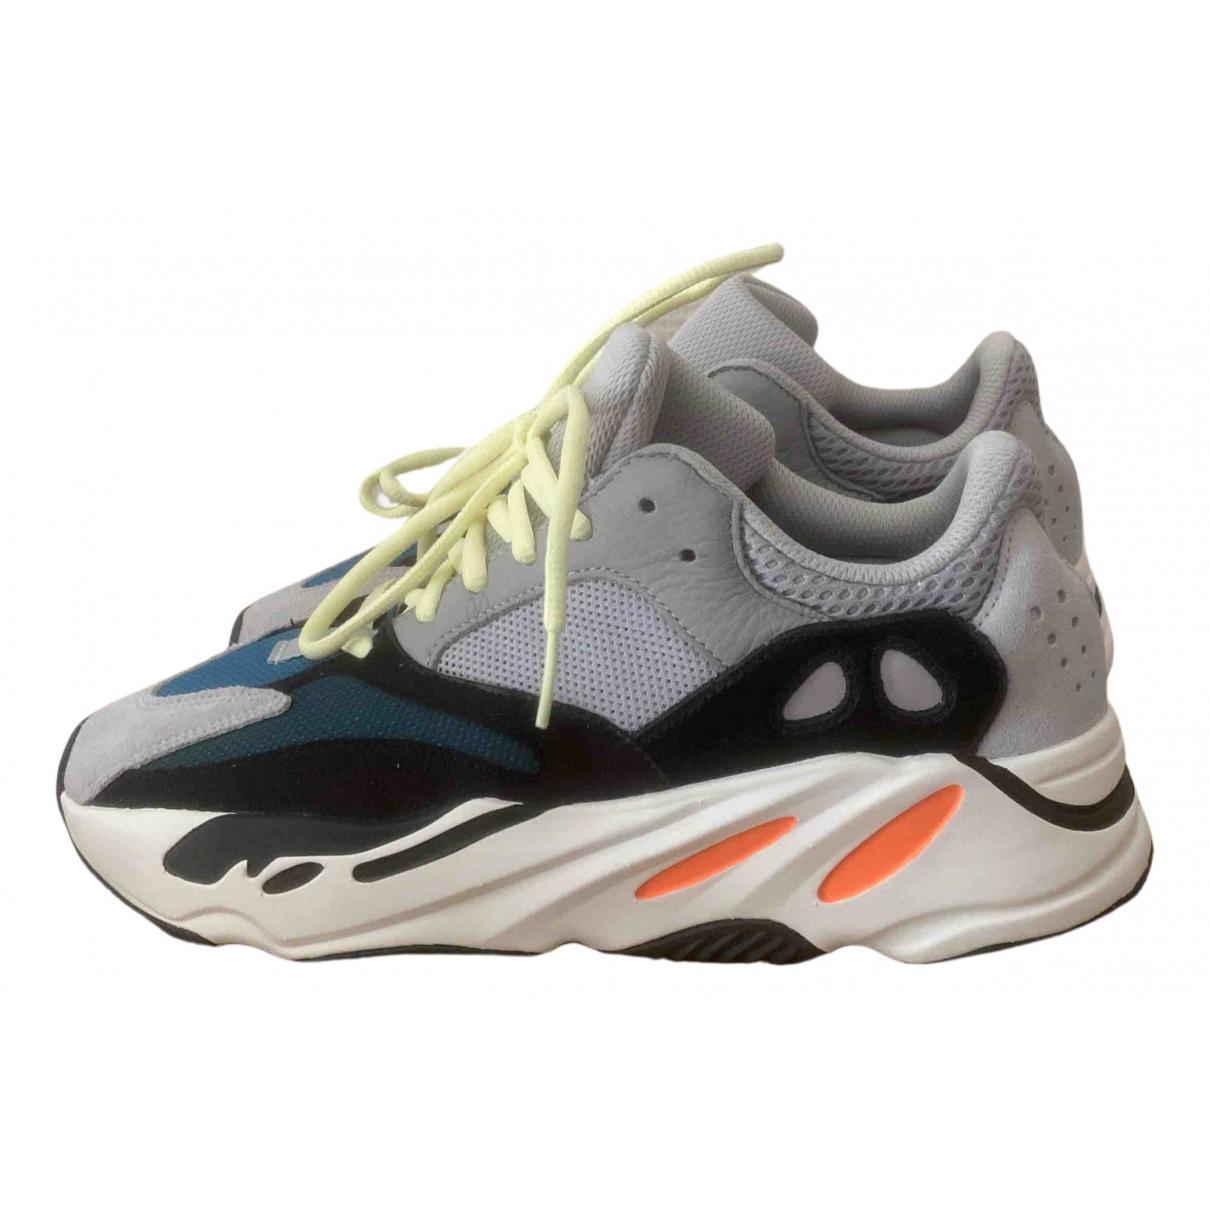 Yeezy X Adidas - Baskets Boost 700 V1  pour homme en autre - multicolore